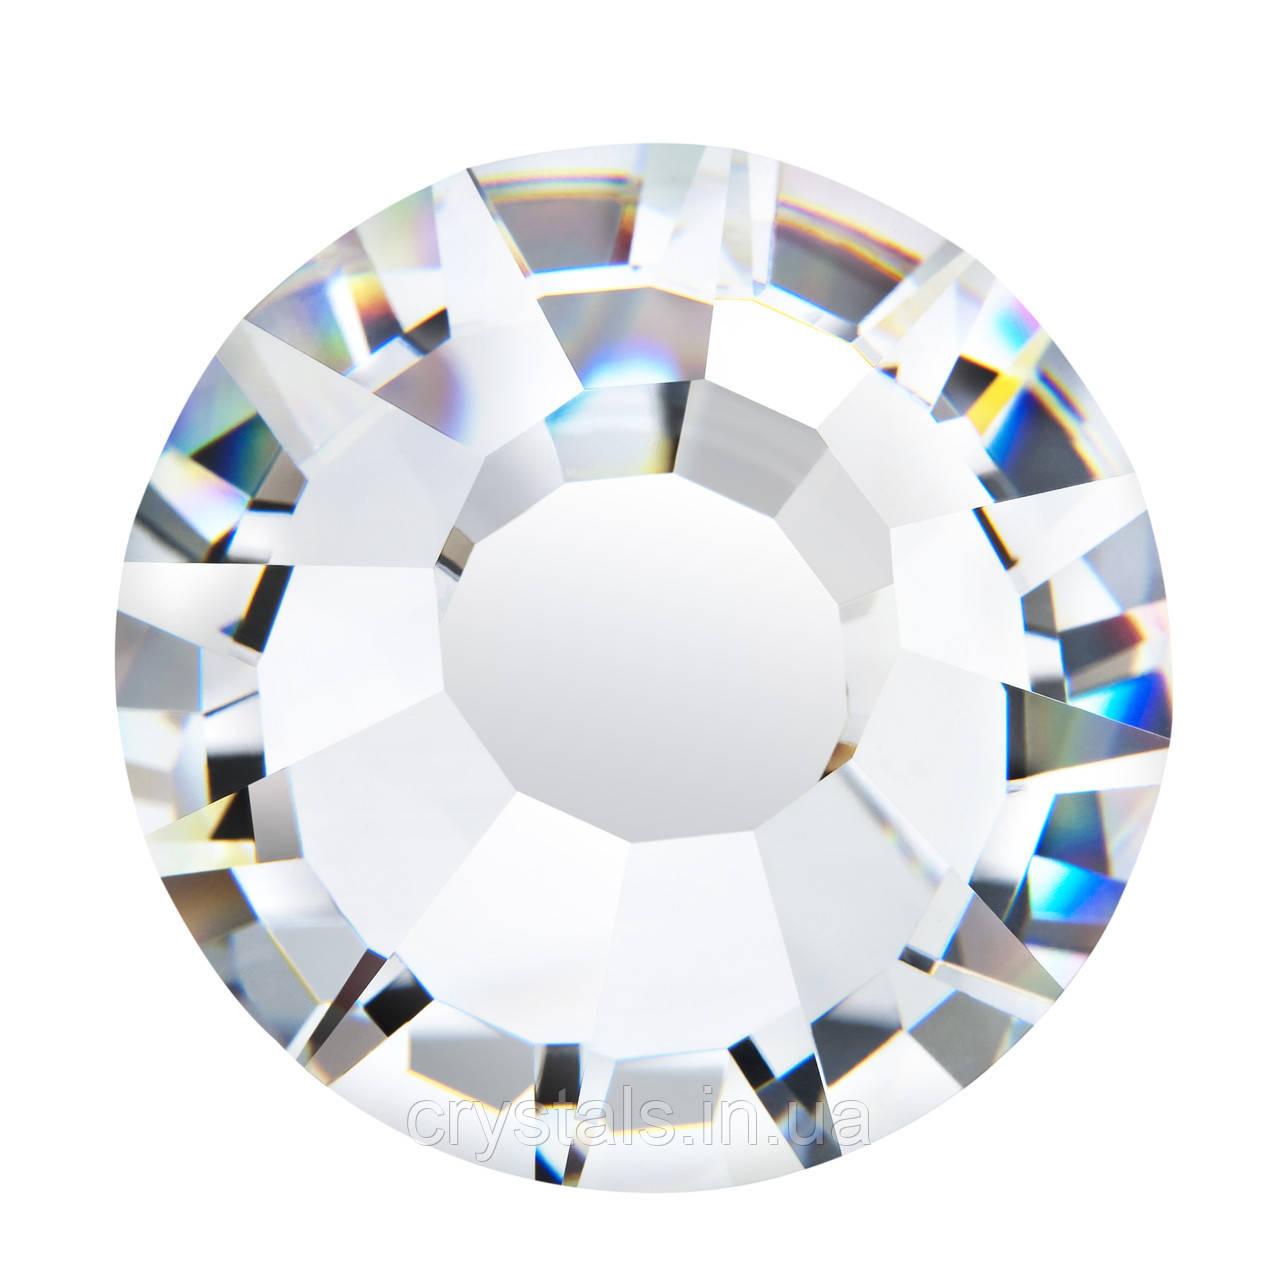 Стрази Crystal з покриттям Preciosa (Чехія) опт